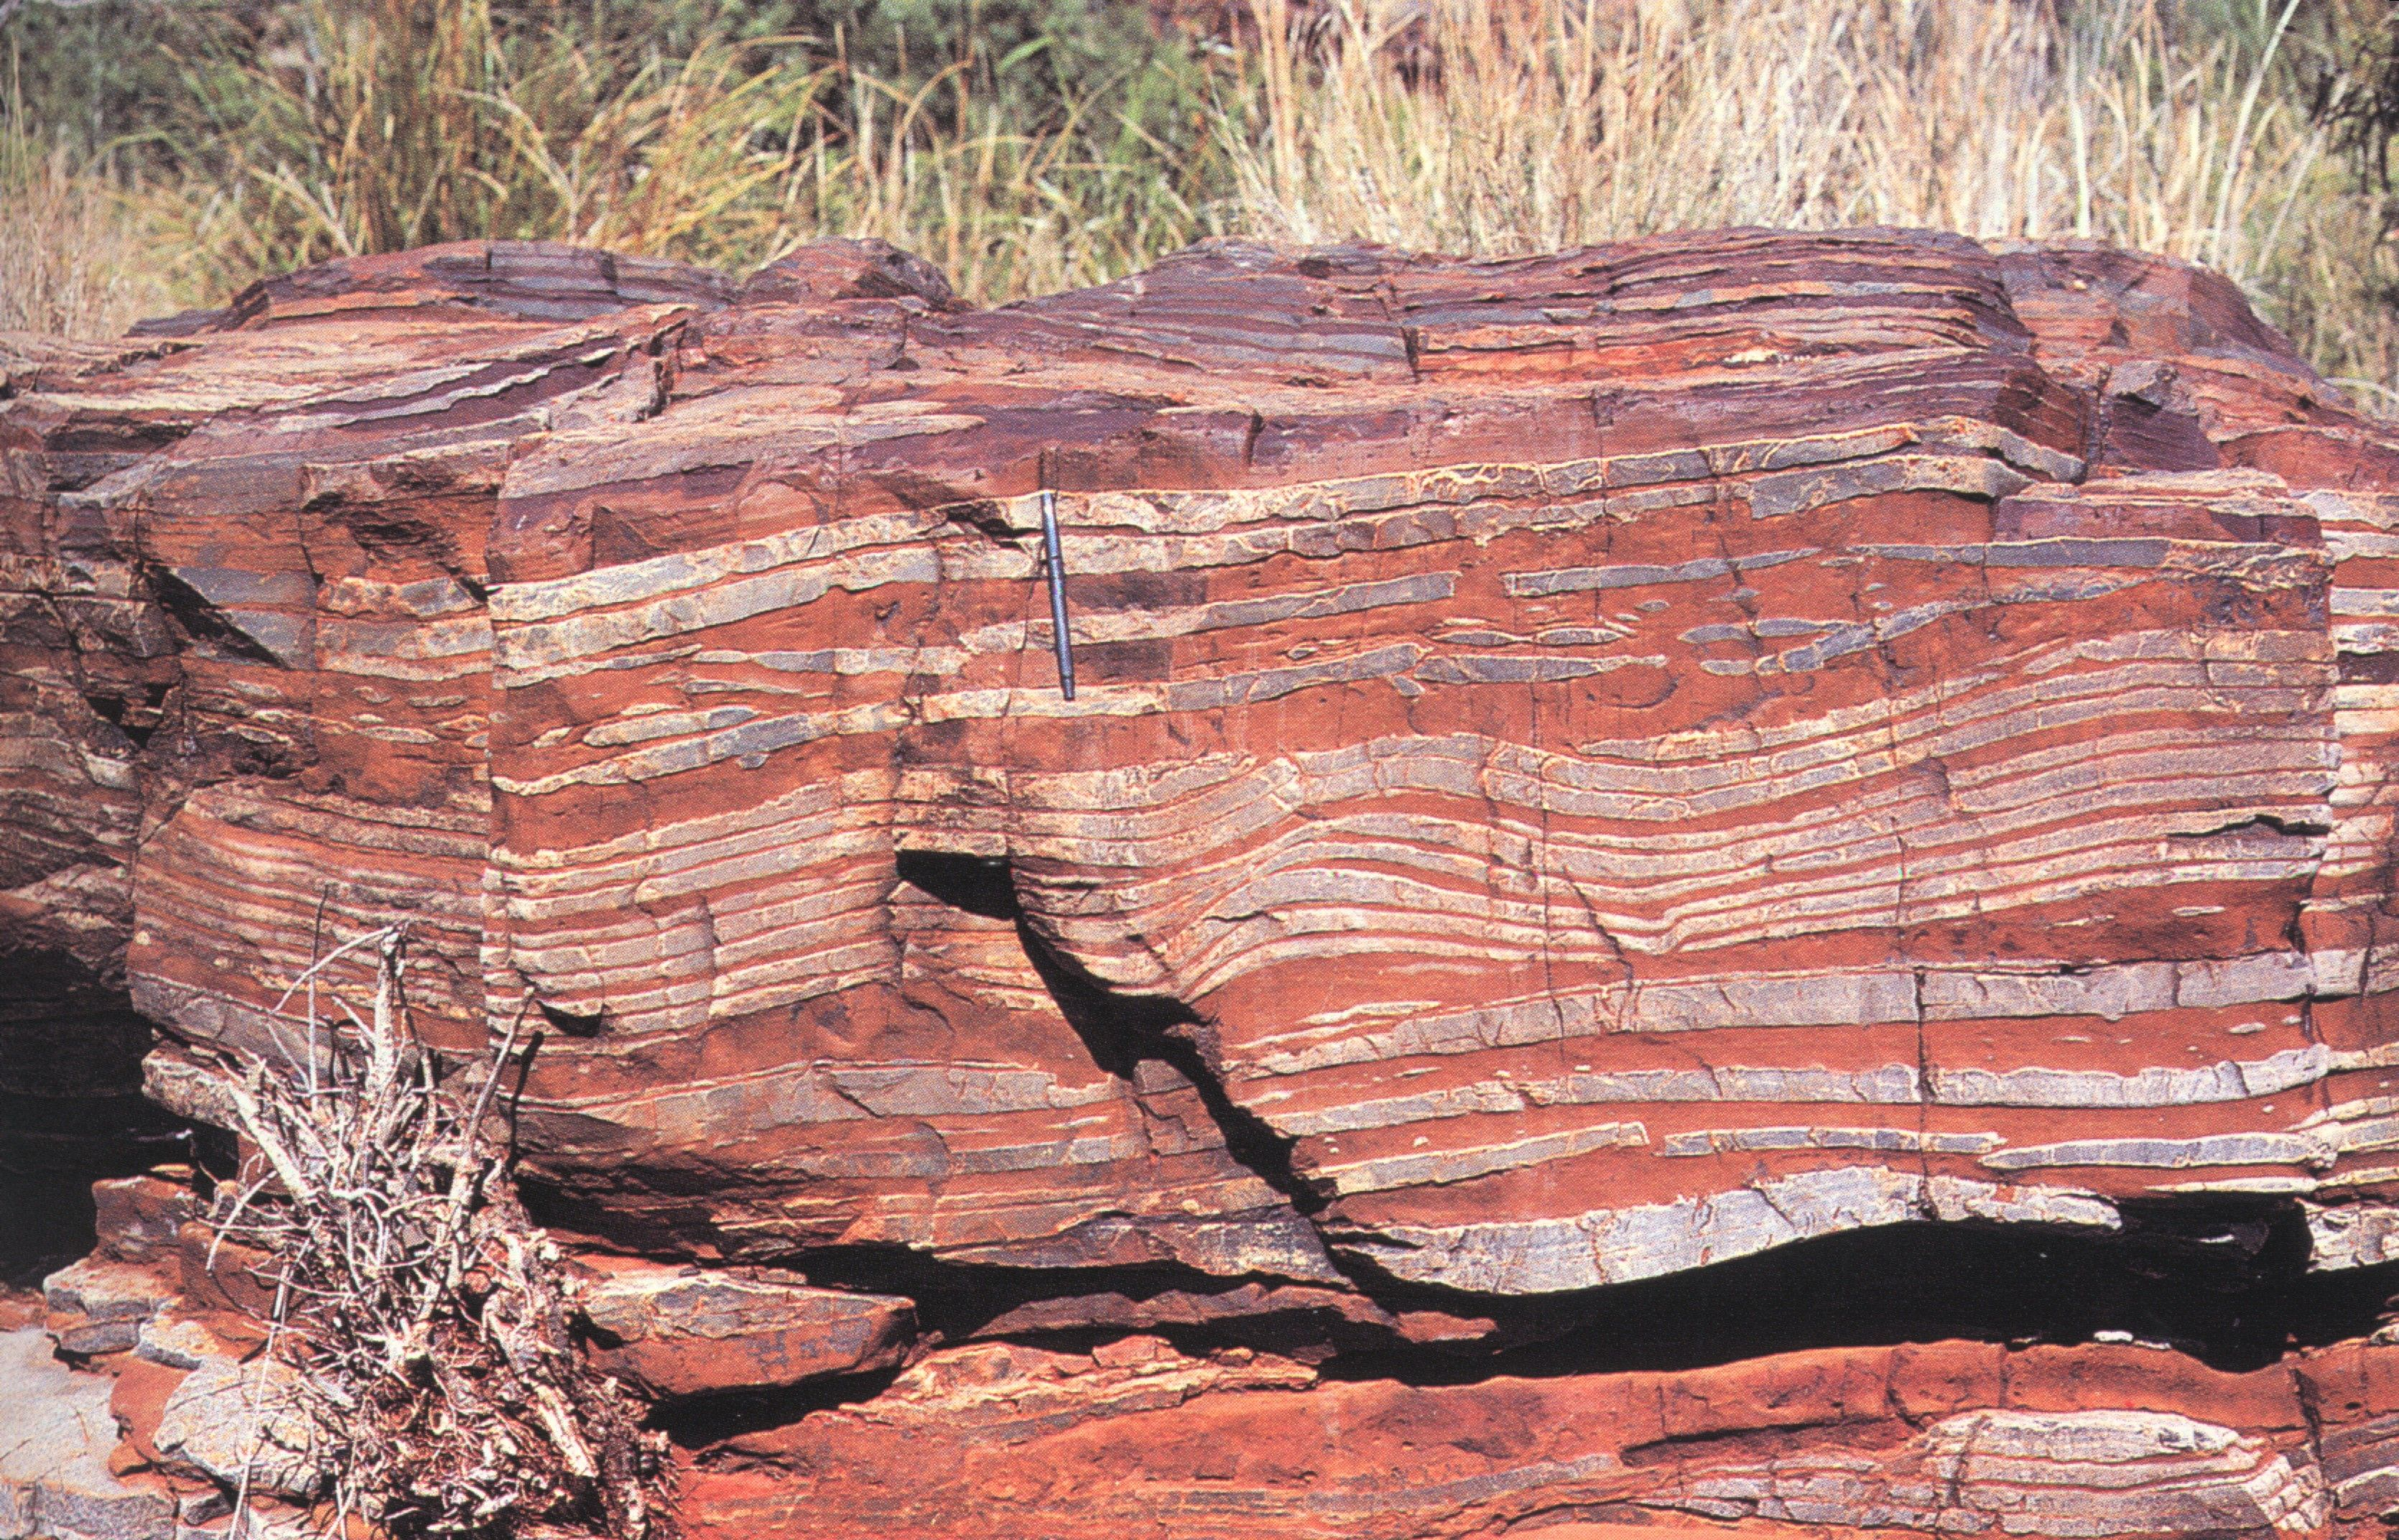 Roca perteneciente a una formación de hierro bandeado. El Fe se concentra en las bandas plateadas, mientras que en las bandas rojizas hay materiales detríticos silíceos con altos contenidos ferruginosos (que le dan ese color). Autor: desconocido.  Se han propuesto diversos modelos para explicar la génesis de estas rocas:  Origen biológico: Este modelo es uno de los más aceptados internacionalmente, y supone que las bacterias fotosintéticas fueron muy importantes para la génesis de las…